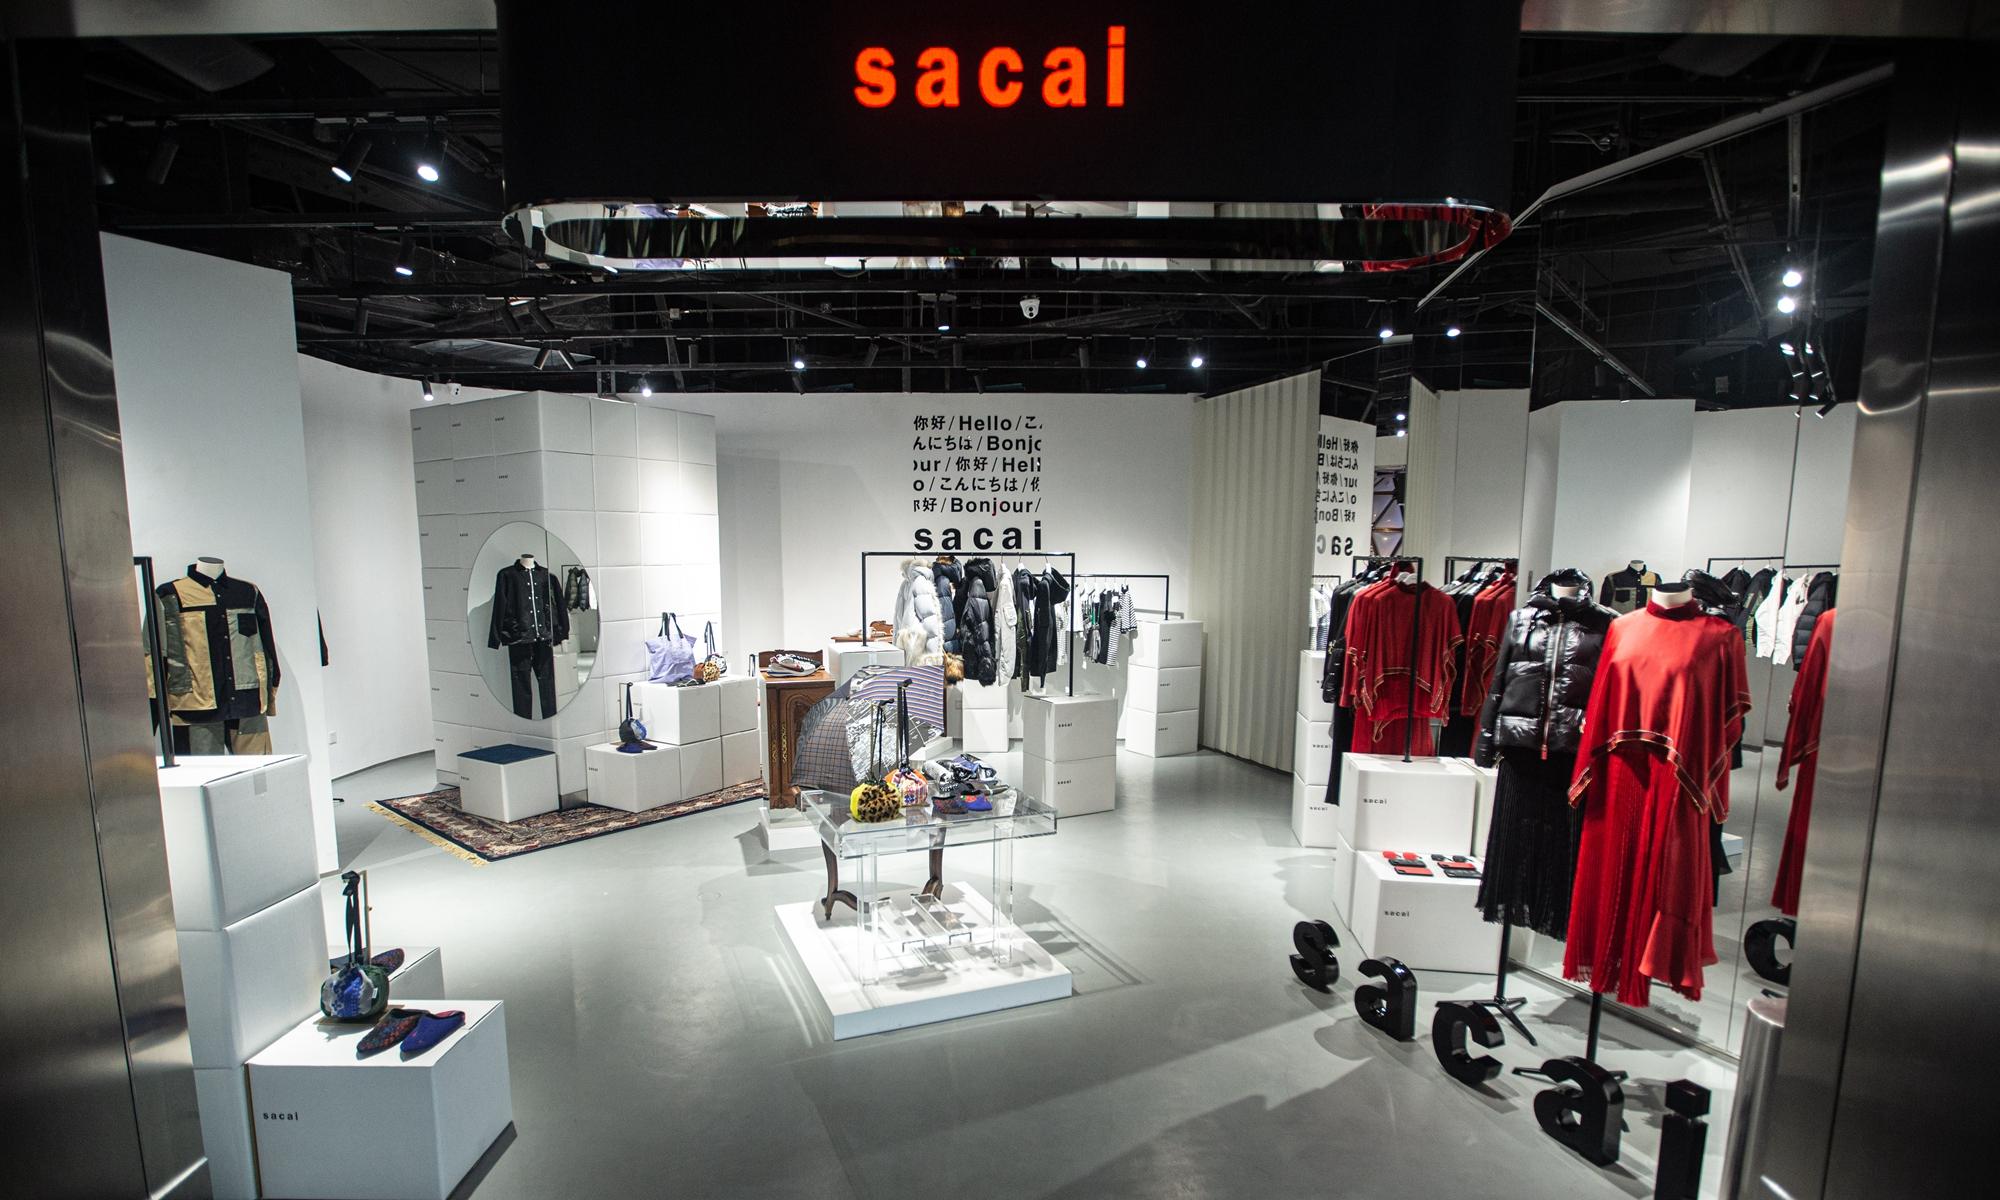 sacai x fragment design 合作系列即将开售